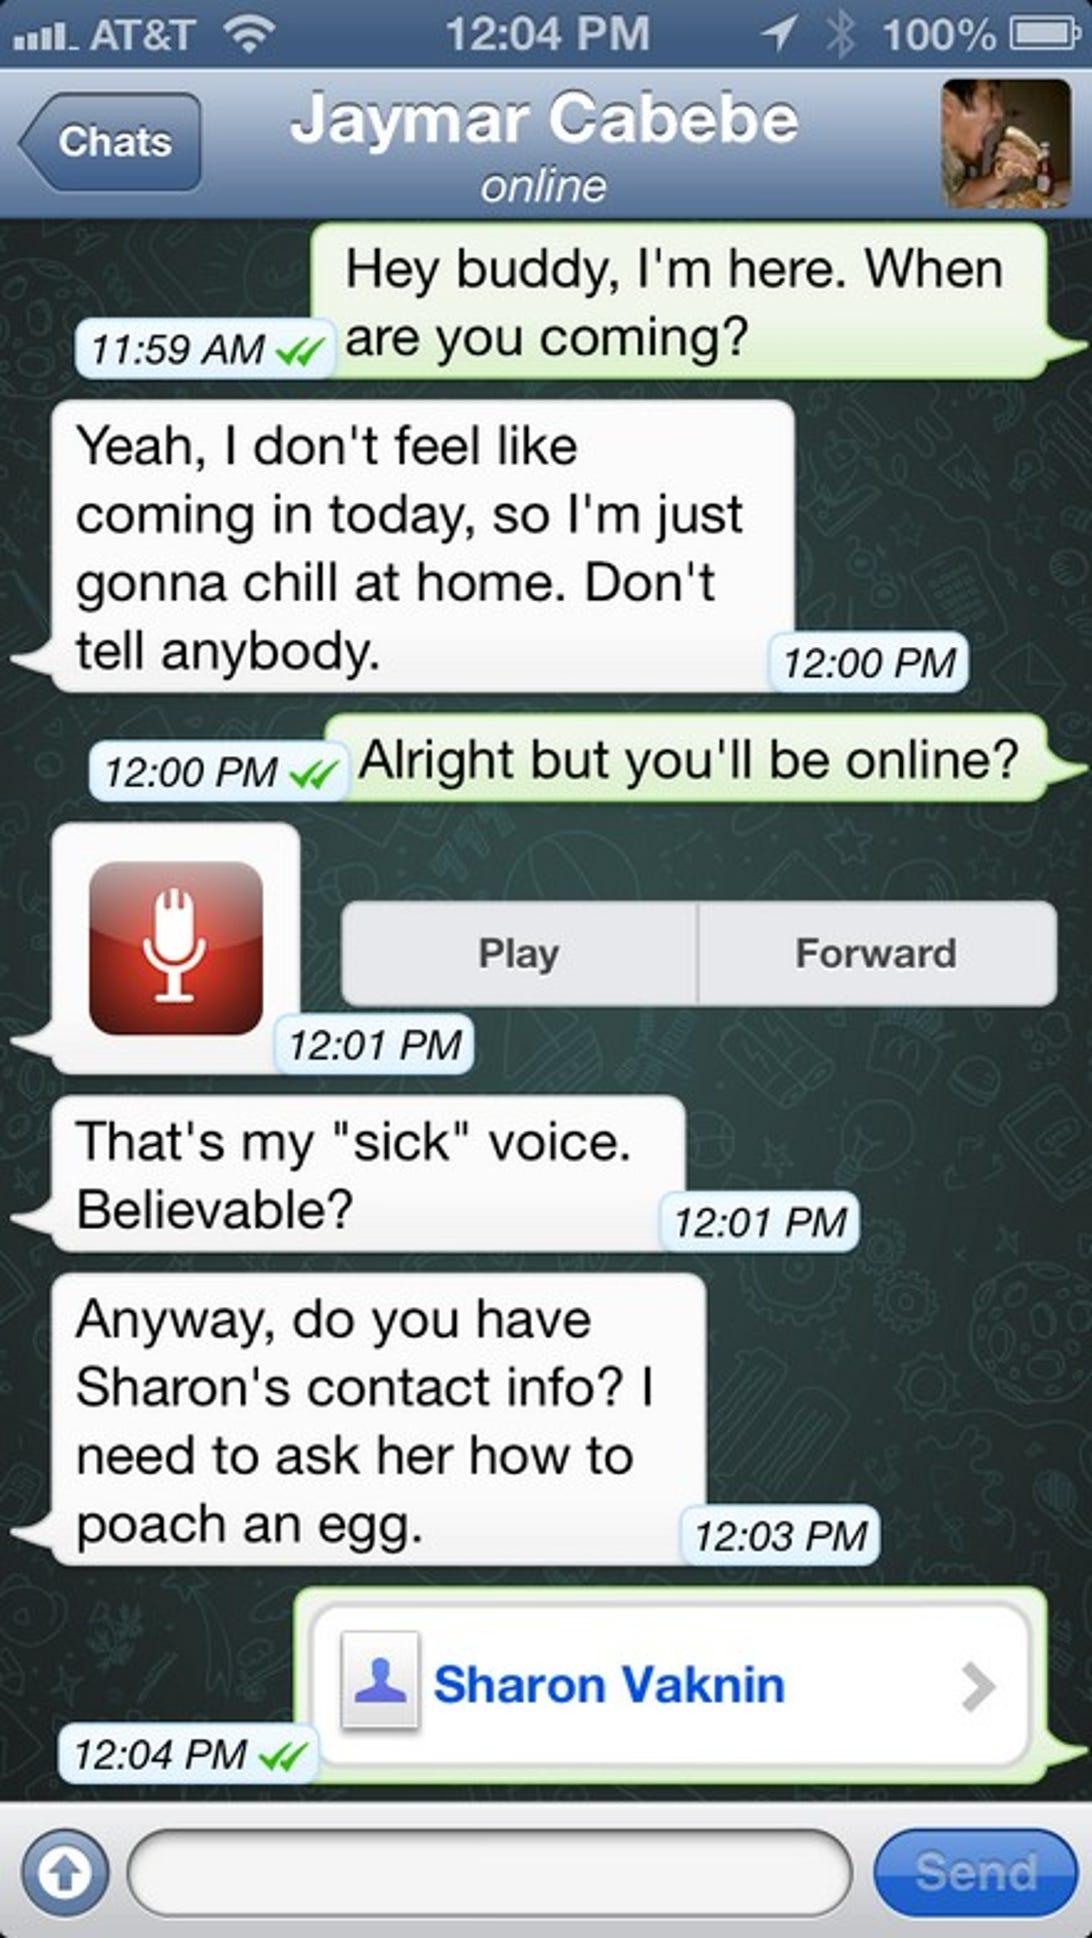 VoiceAndContactInfo.jpg